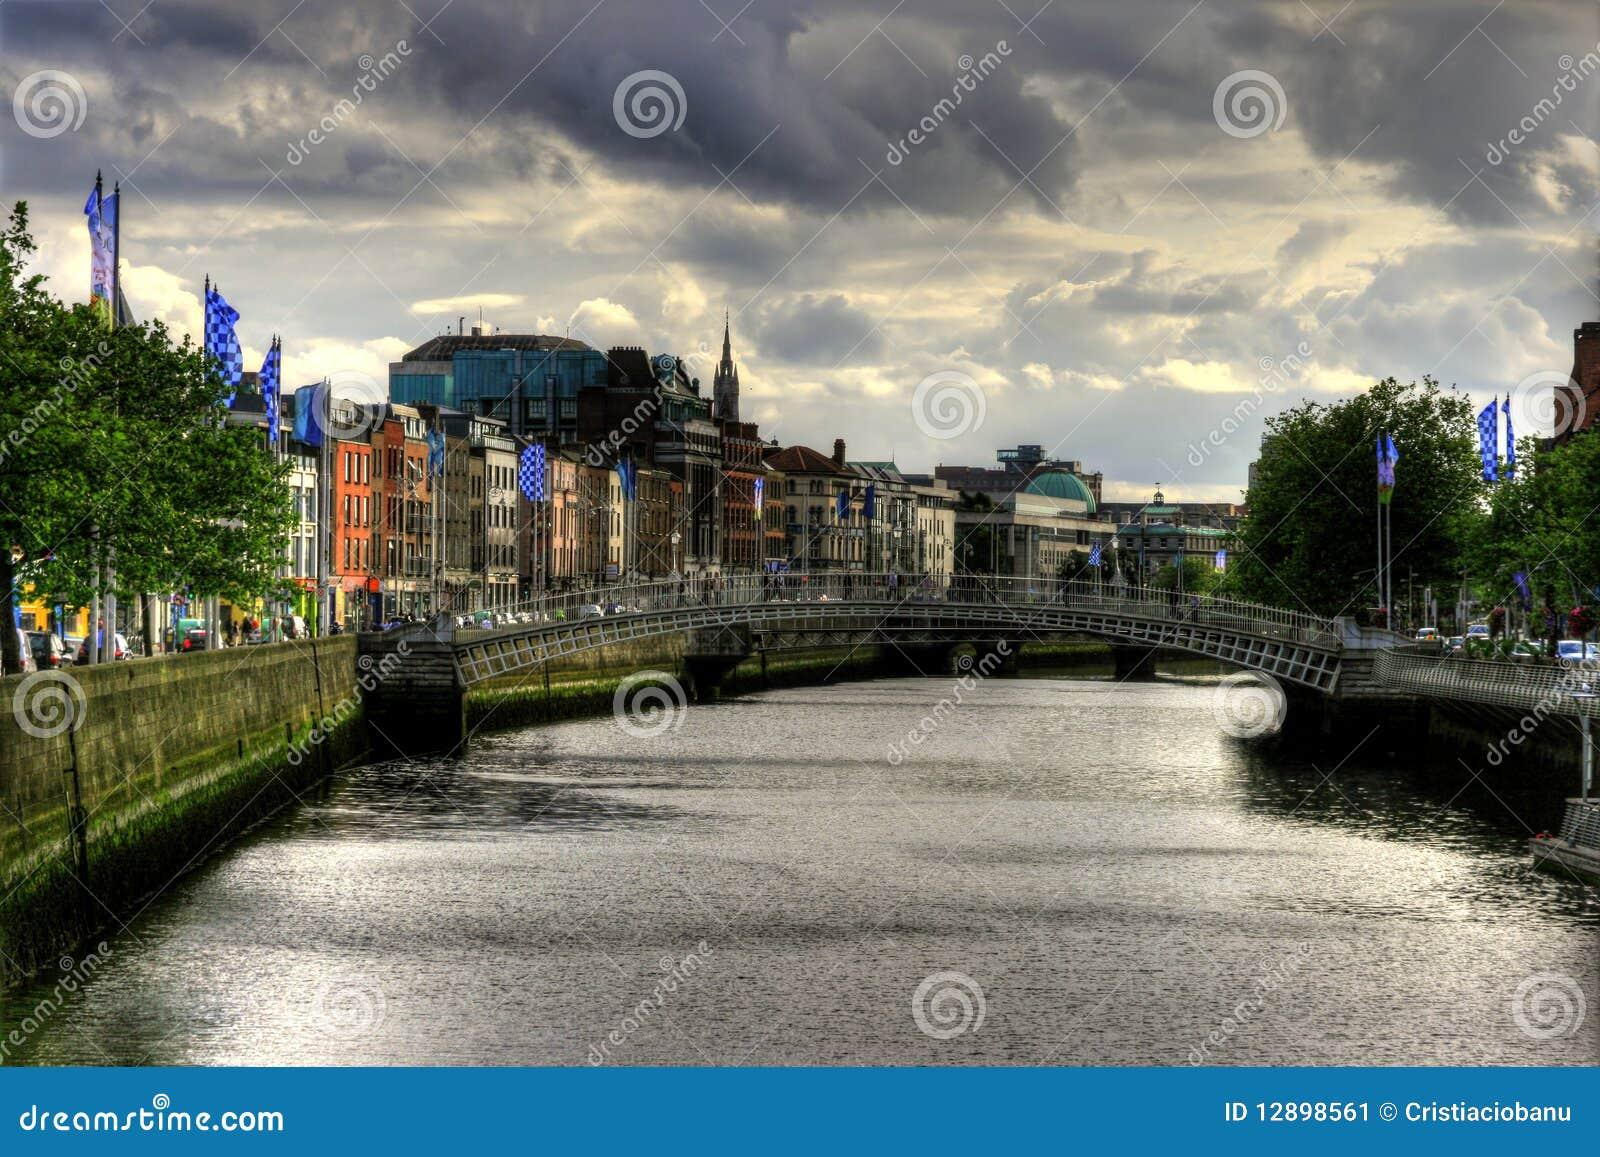 城市都伯林爱尔兰liffey河